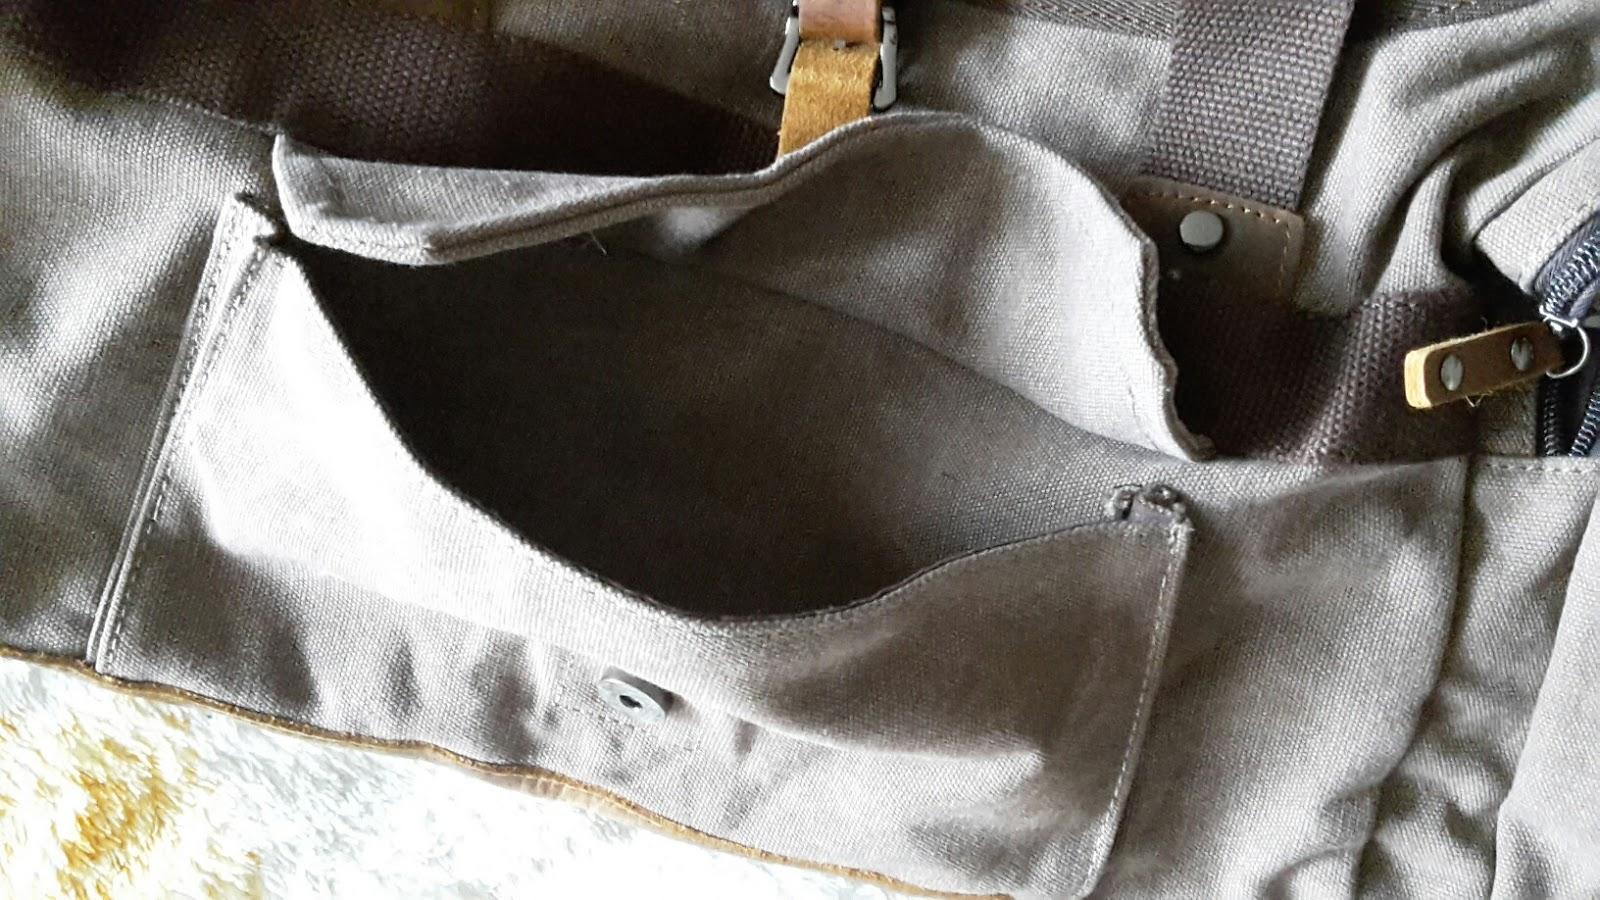 Laser Entfernungsmesser Handgepäck : Monas blog: canvas reisetasche handgepäck weekender tasche vintage